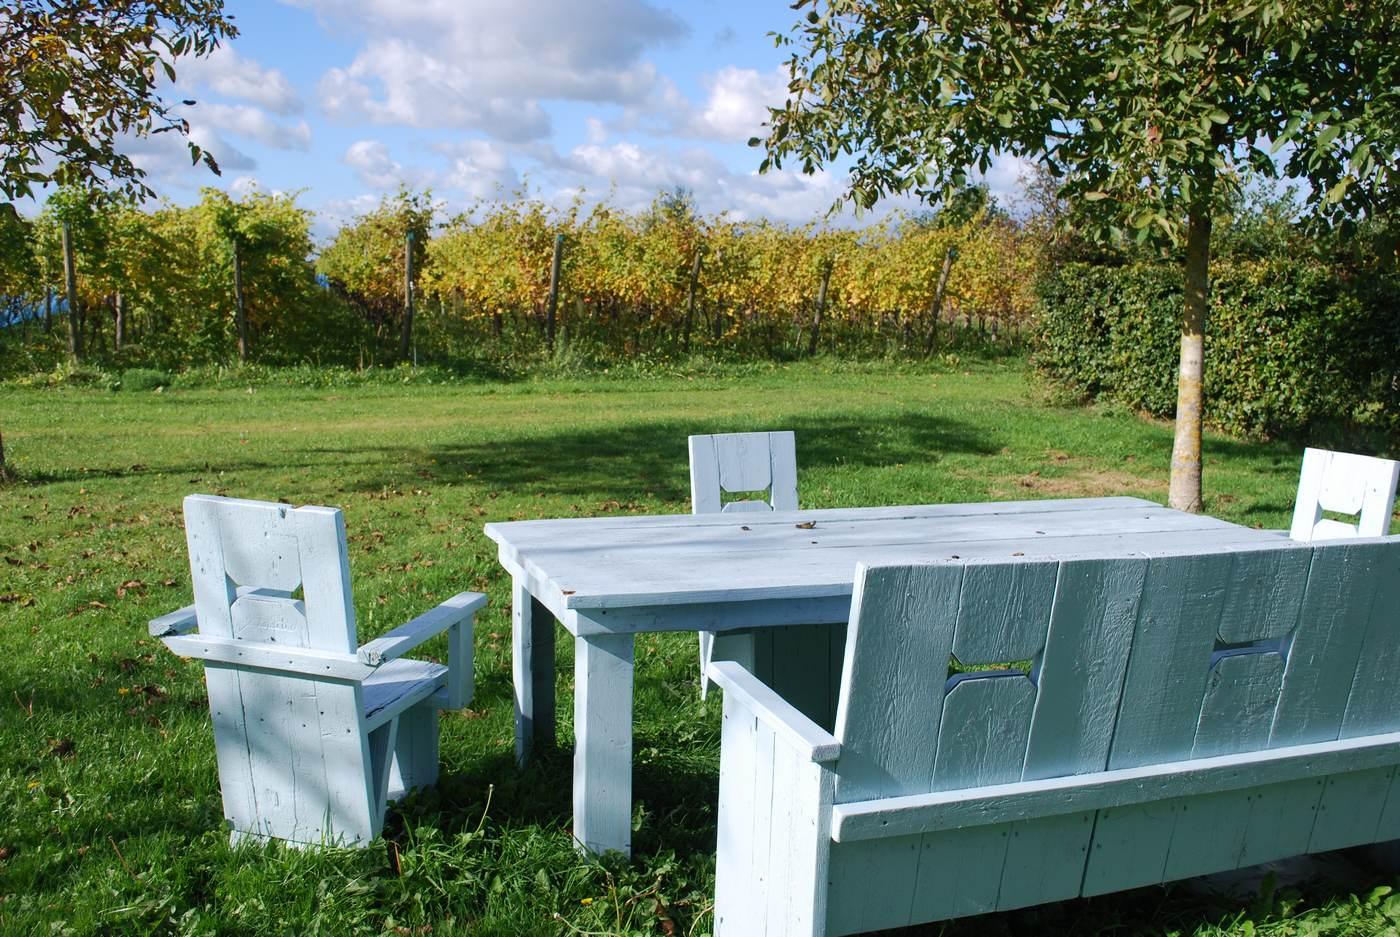 Wijnmakerij - Wijnhuis Erve Wisselink in Eibergen in de Achterhoek (nabij Duitse grens)